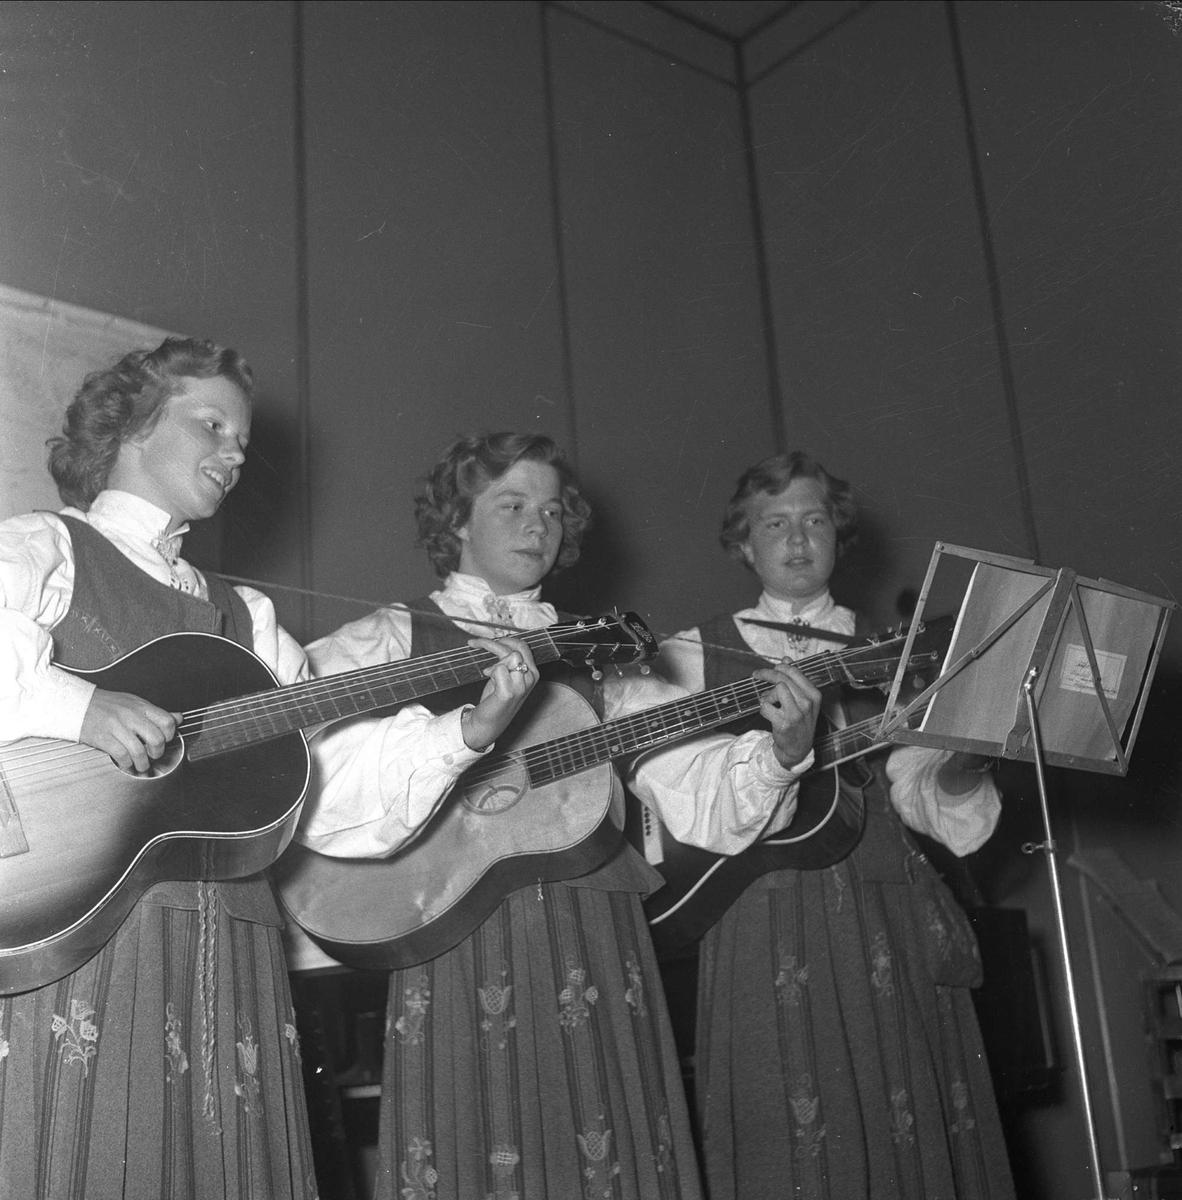 Tre kvinner opptrer med gitarer. Oslo mai 1952. Bygdelag, Romsdalslaget.